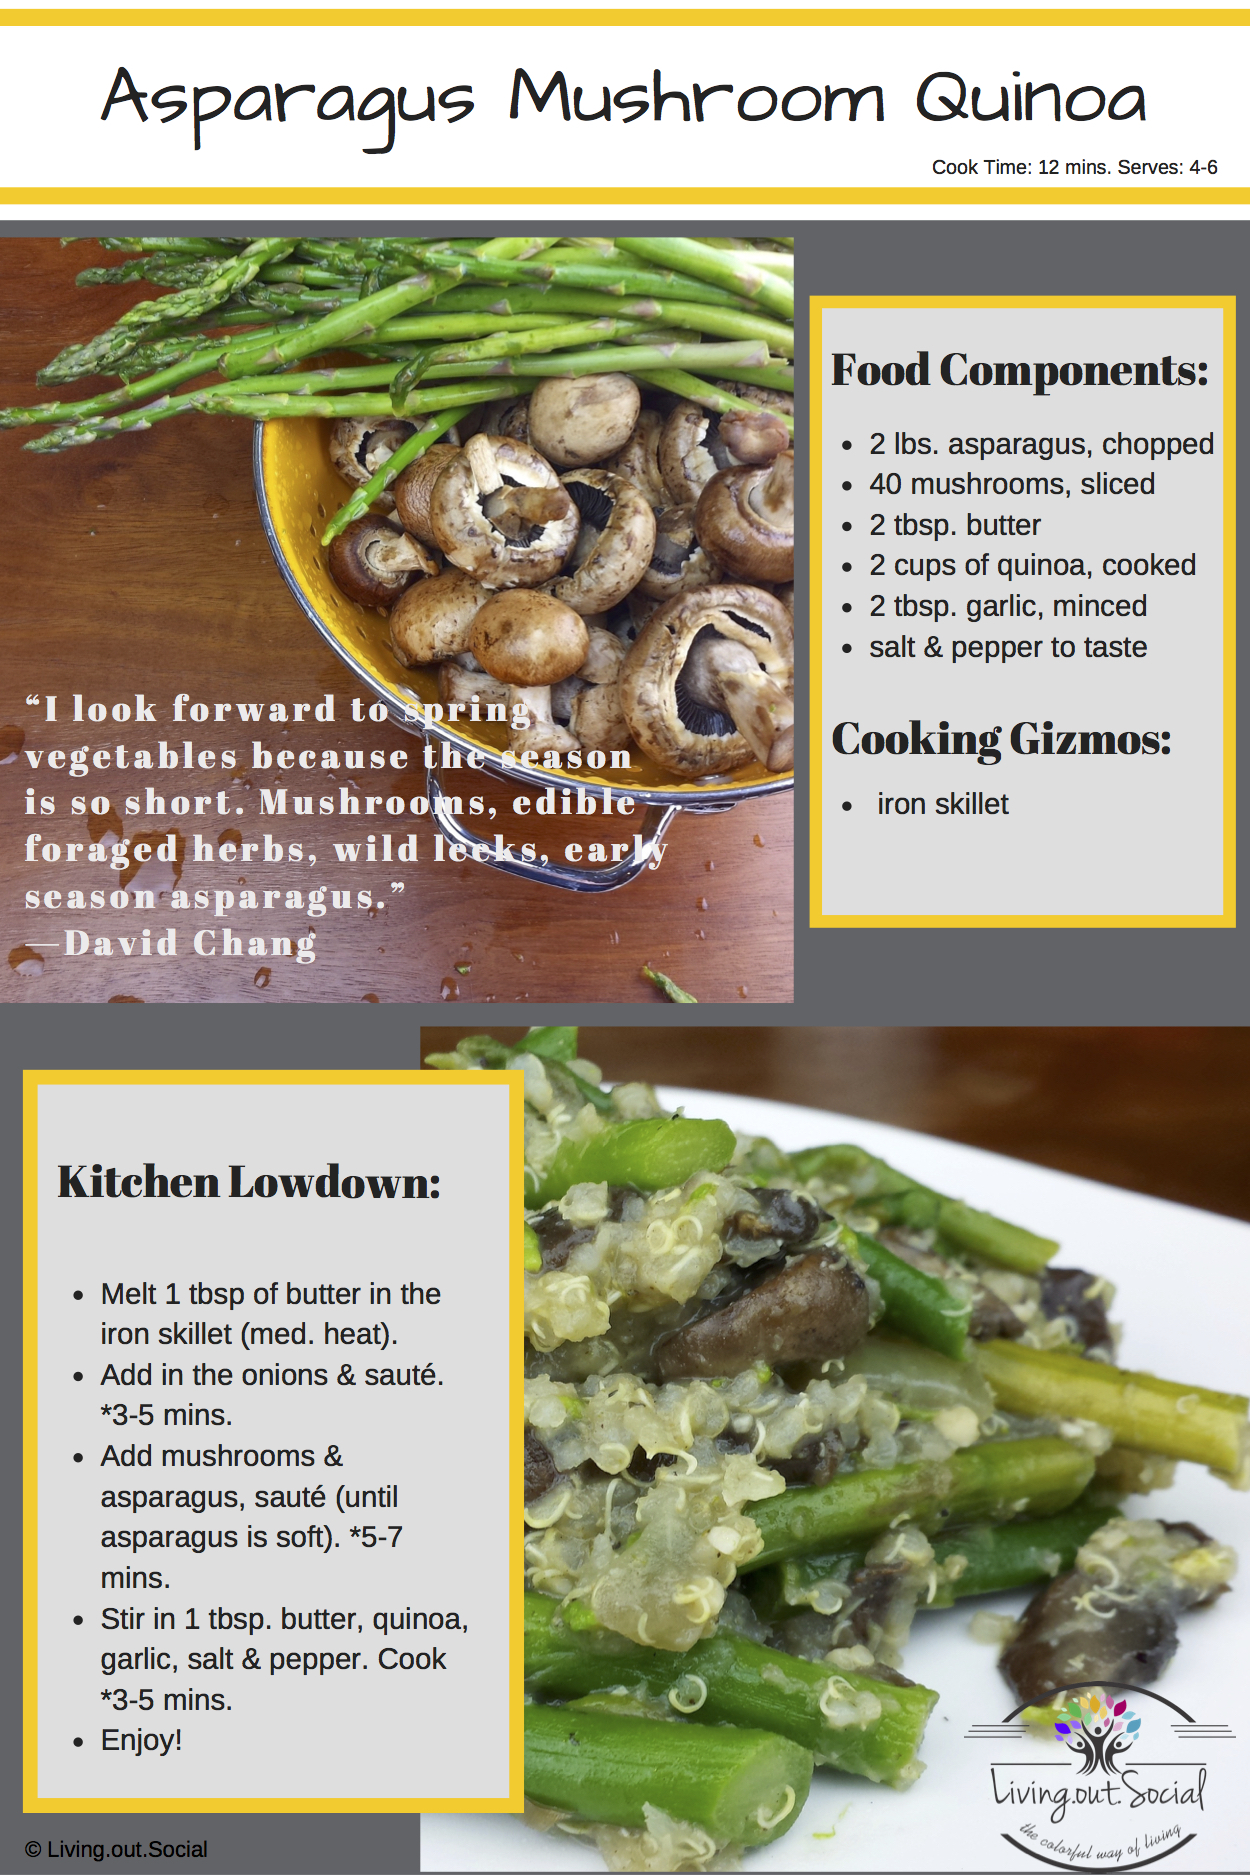 Asparagus Mushroom Quinoa